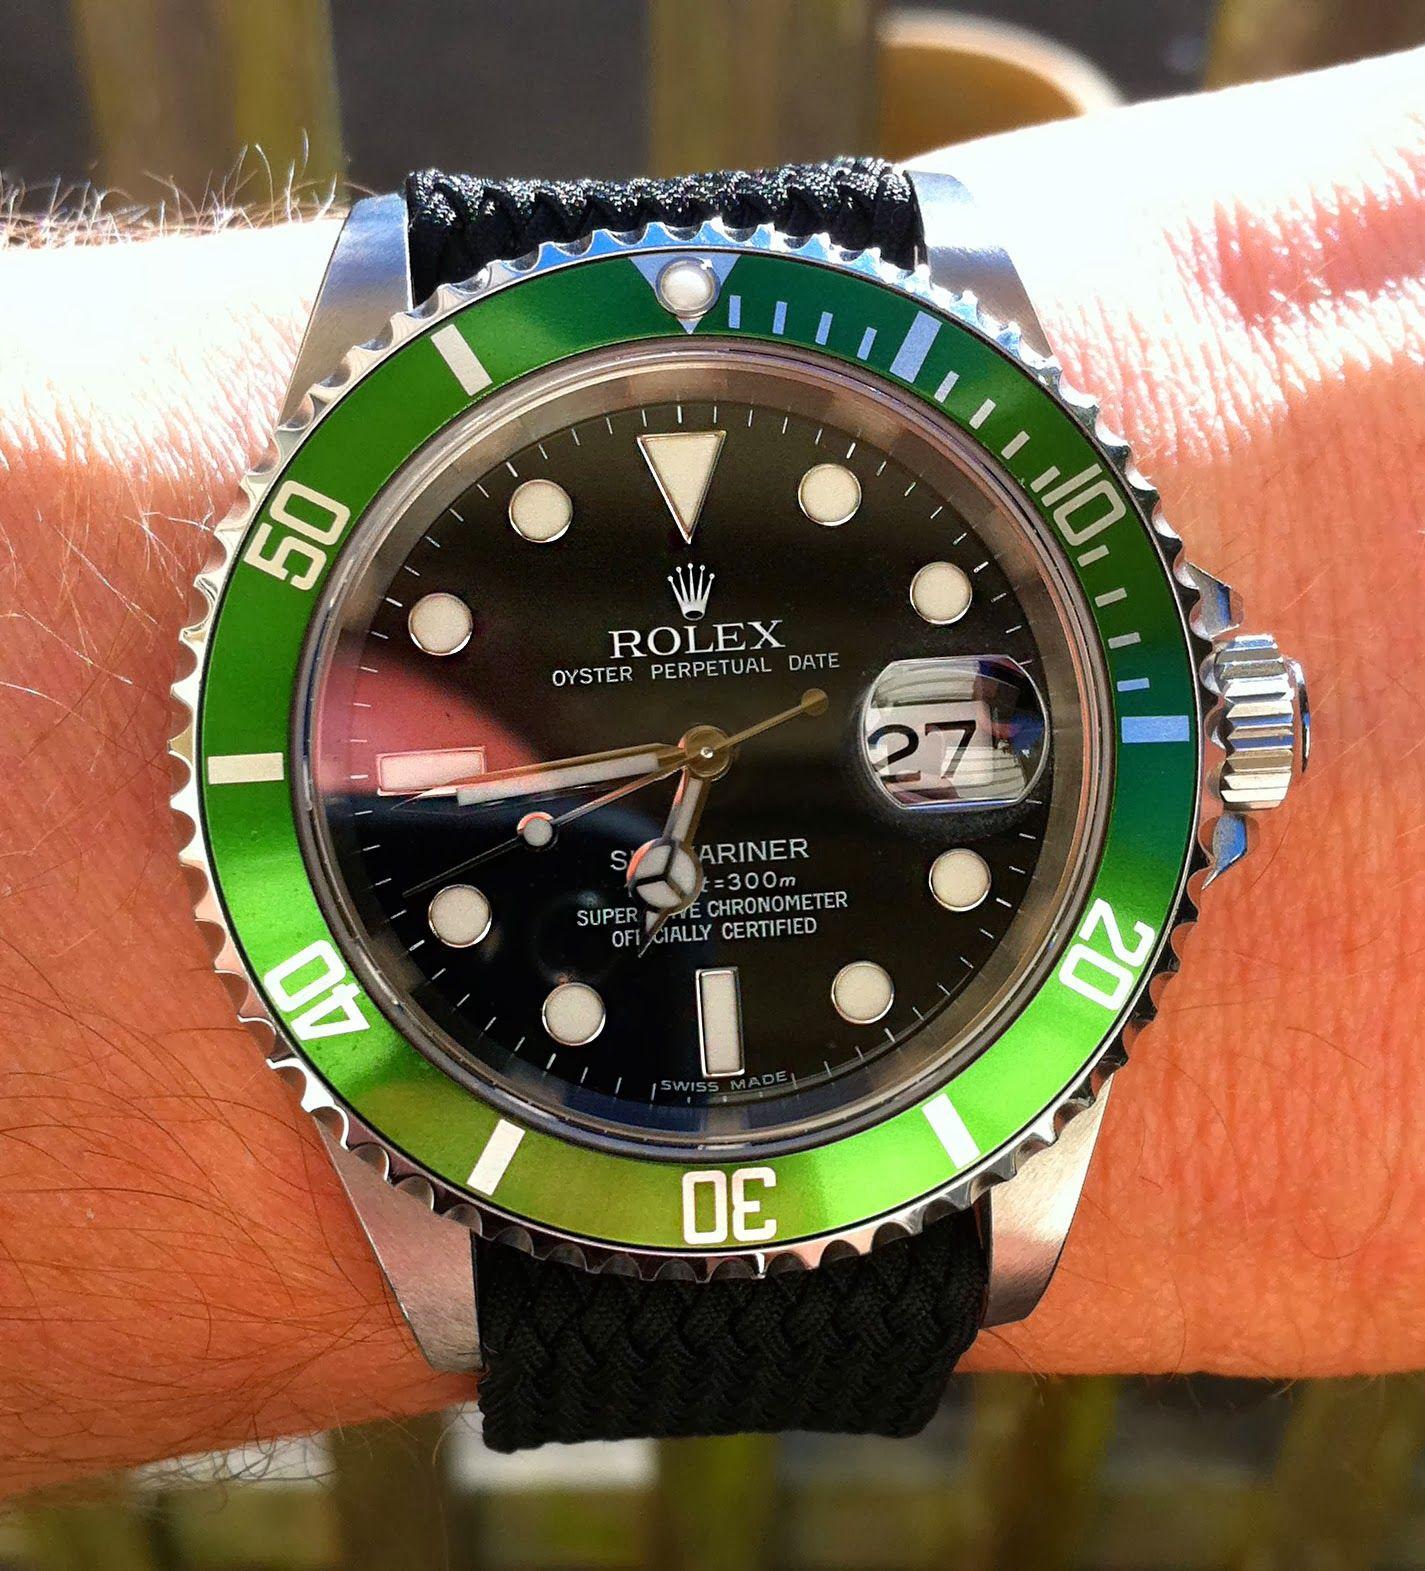 submariner 50th anniversary edition rolex watch